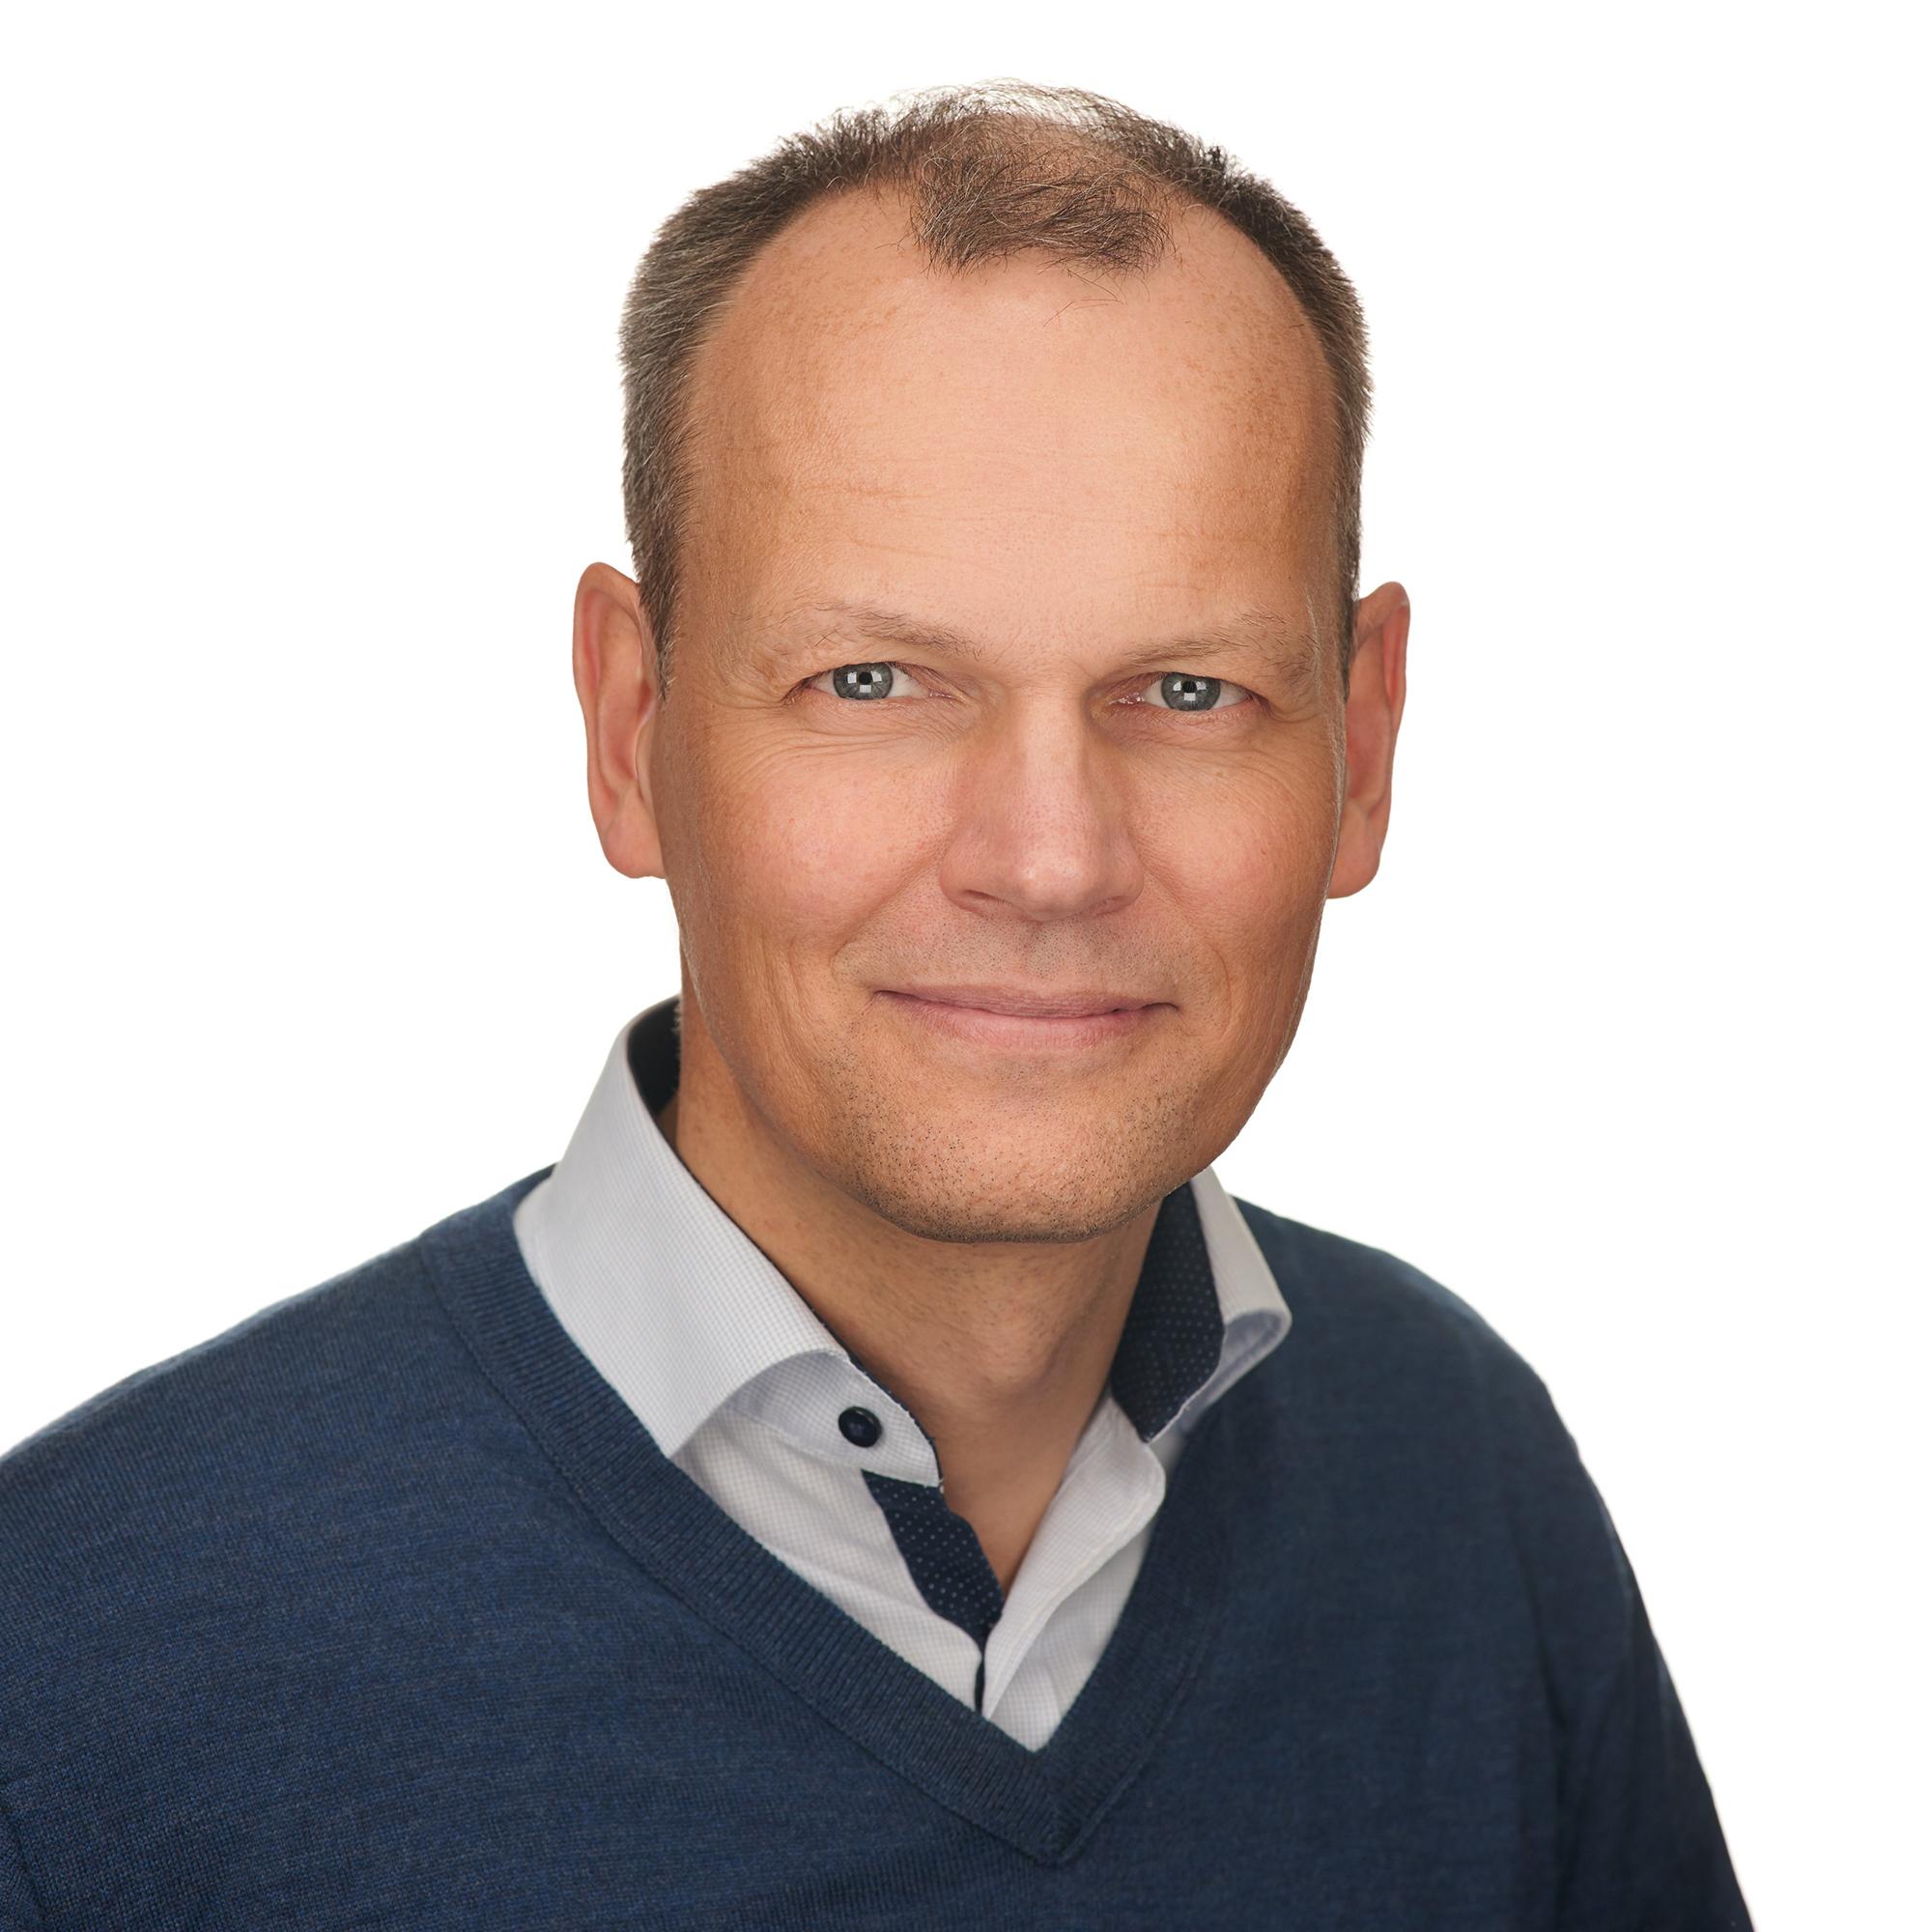 Niels-Munk-Hansen